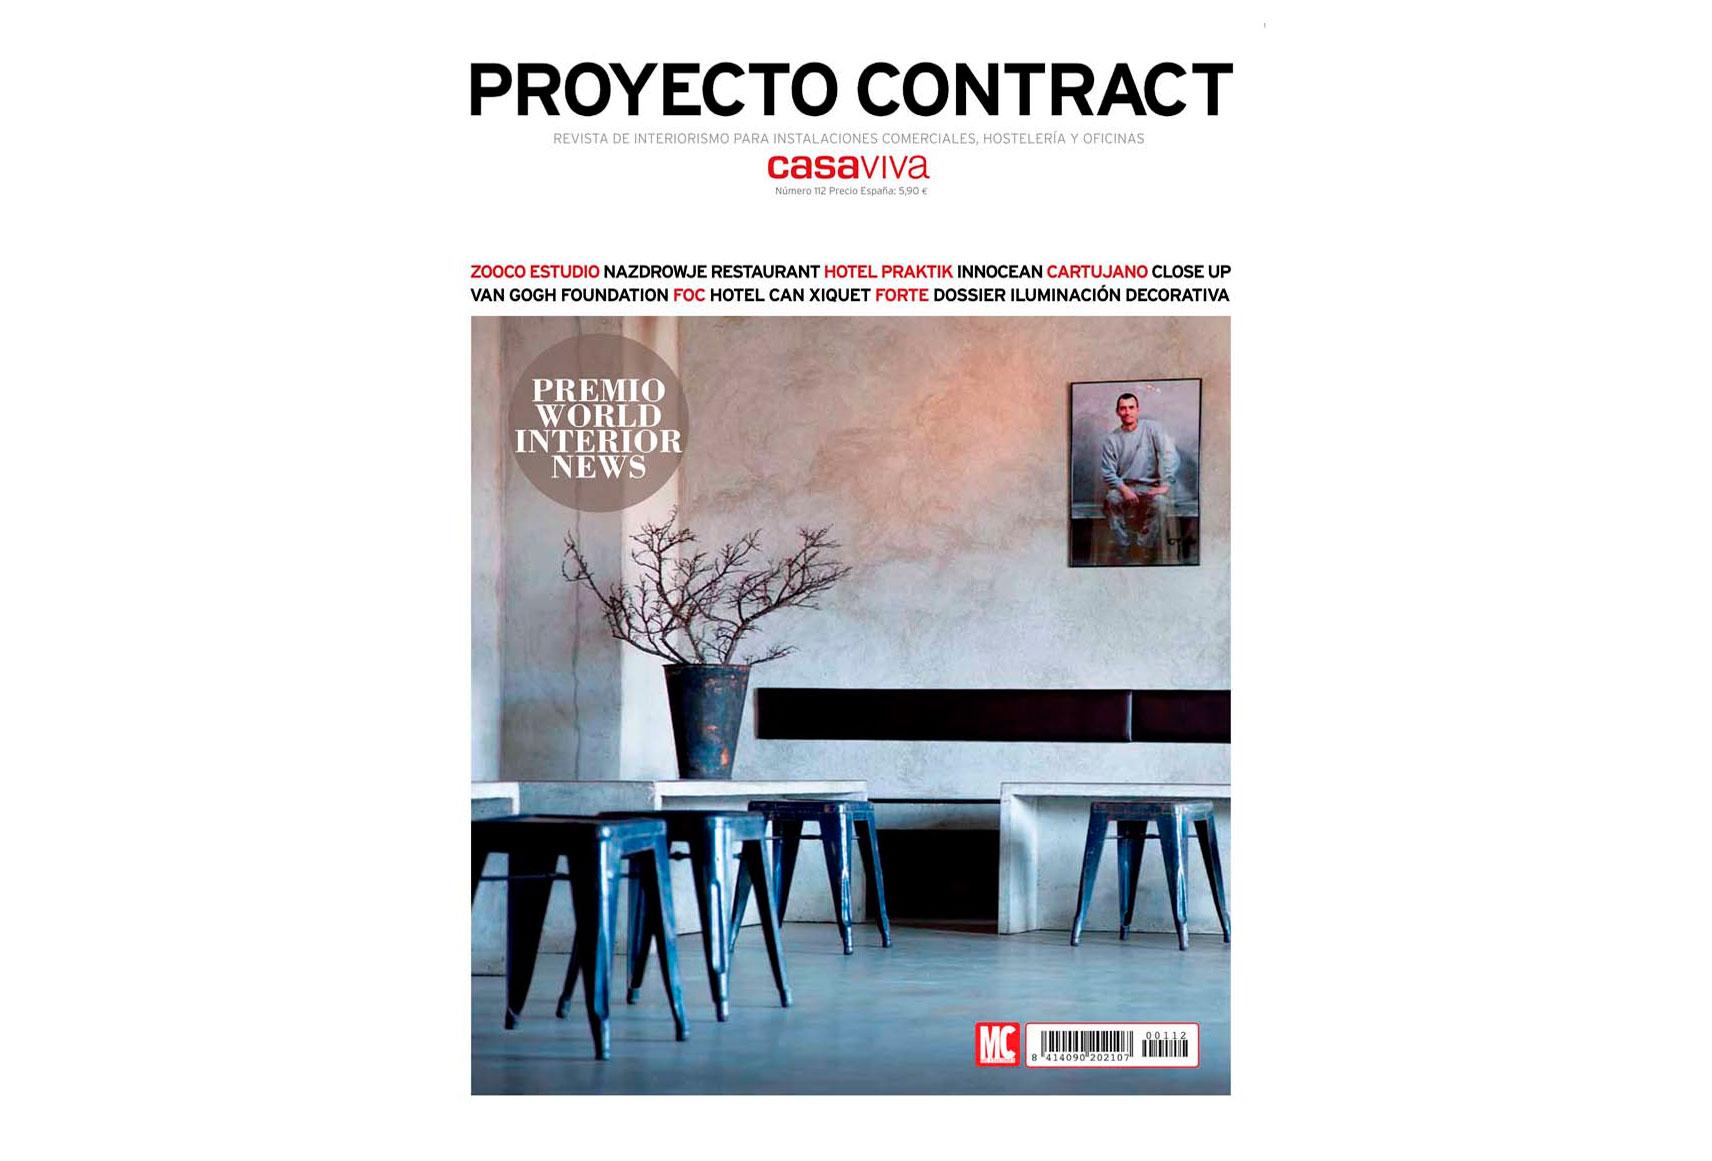 proyecto-contract-112-forte-restaurante-aravaca-madrid-more-co_1